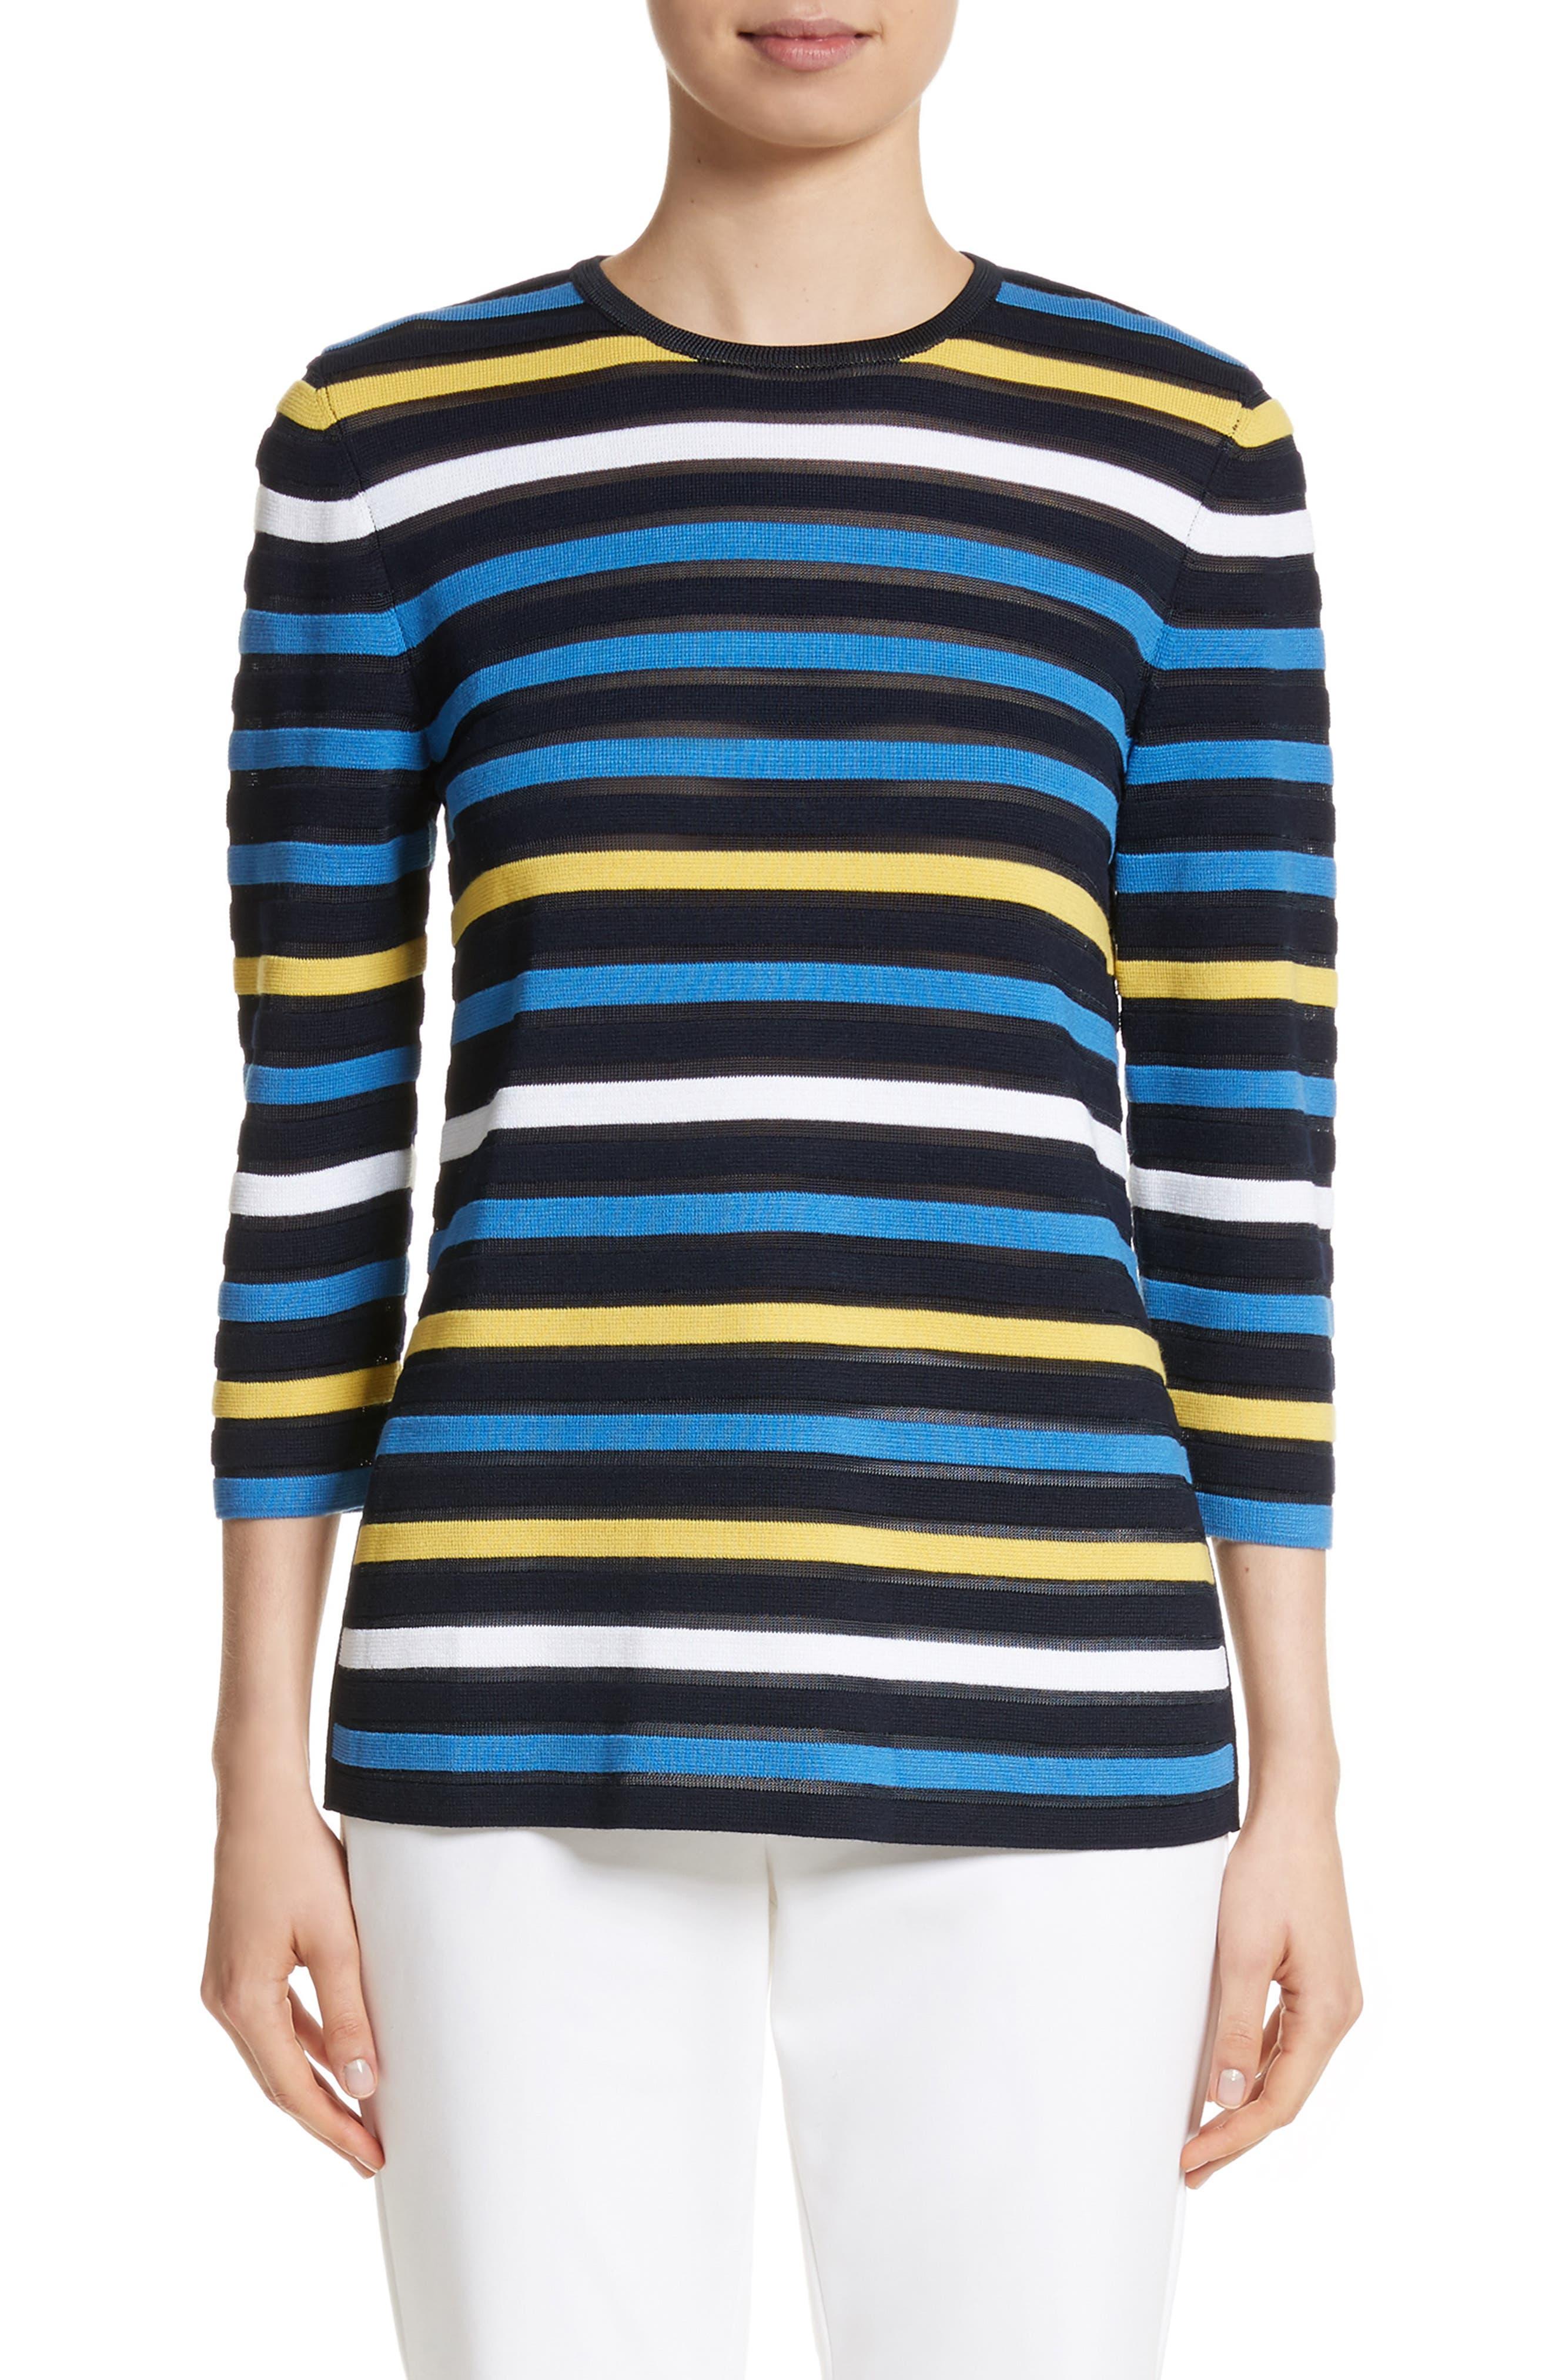 Ombré Stripe Sweater,                         Main,                         color, Navy Multi